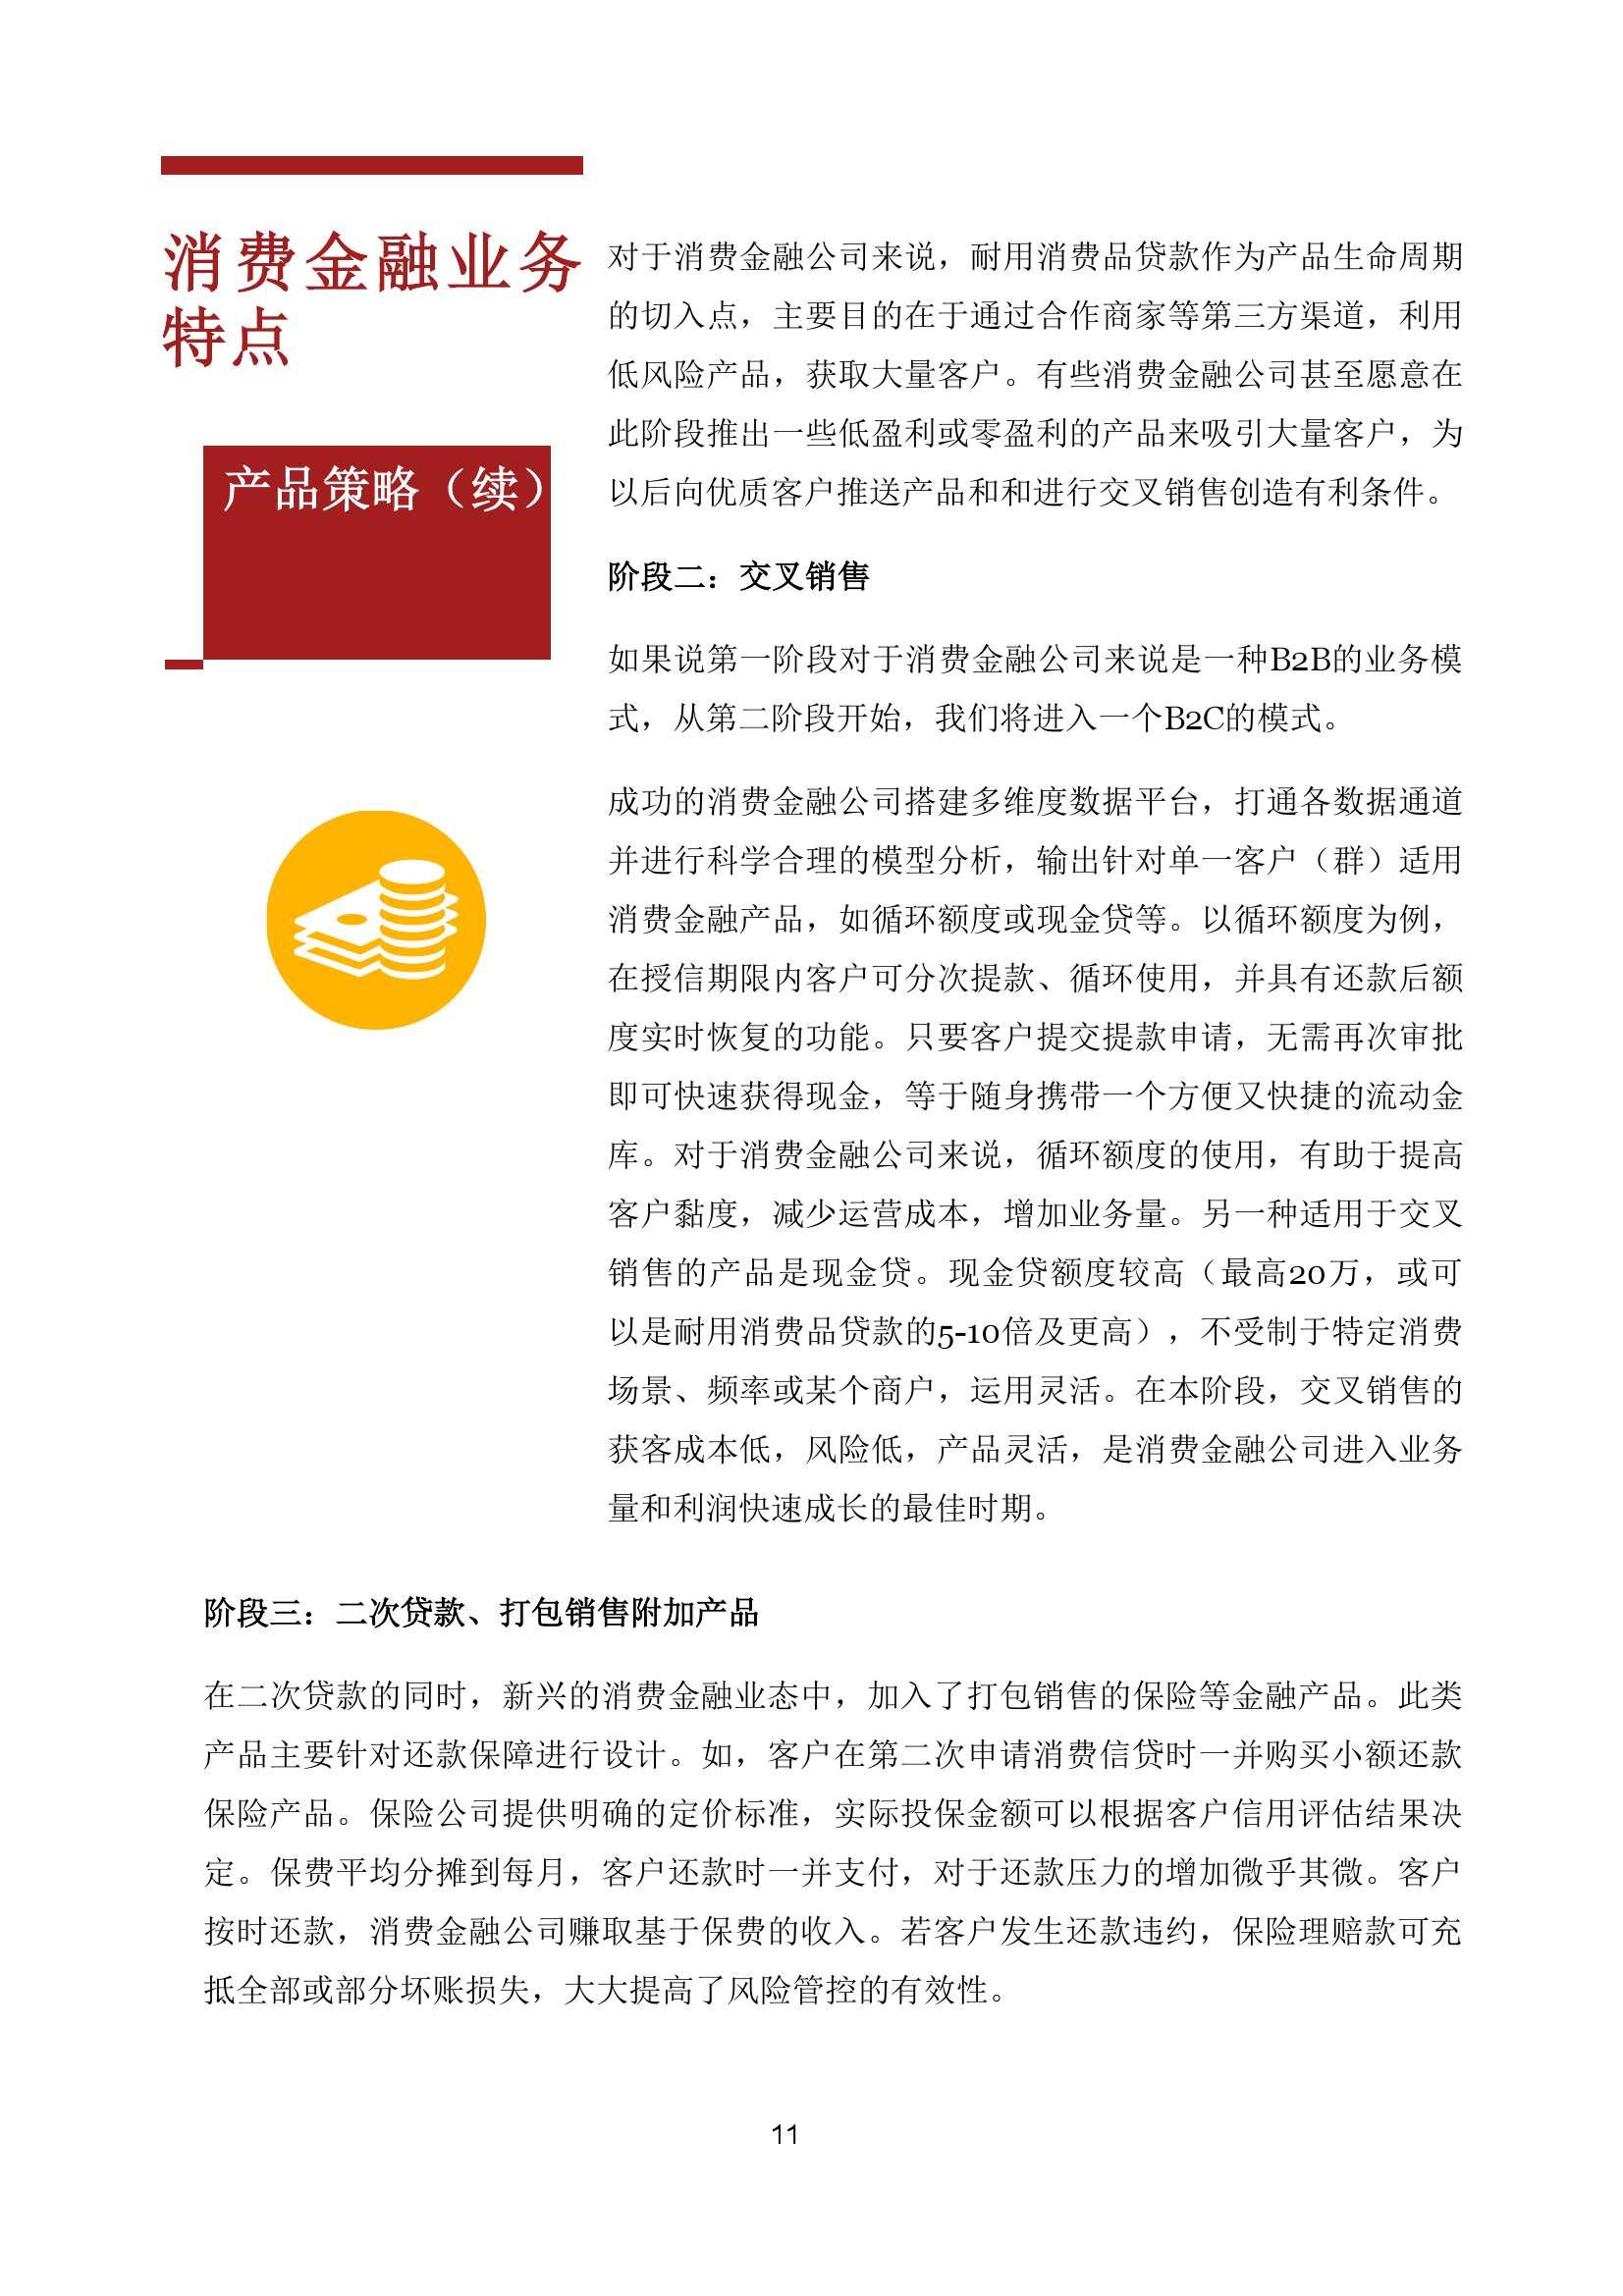 中国零售银行的蓝海_000011